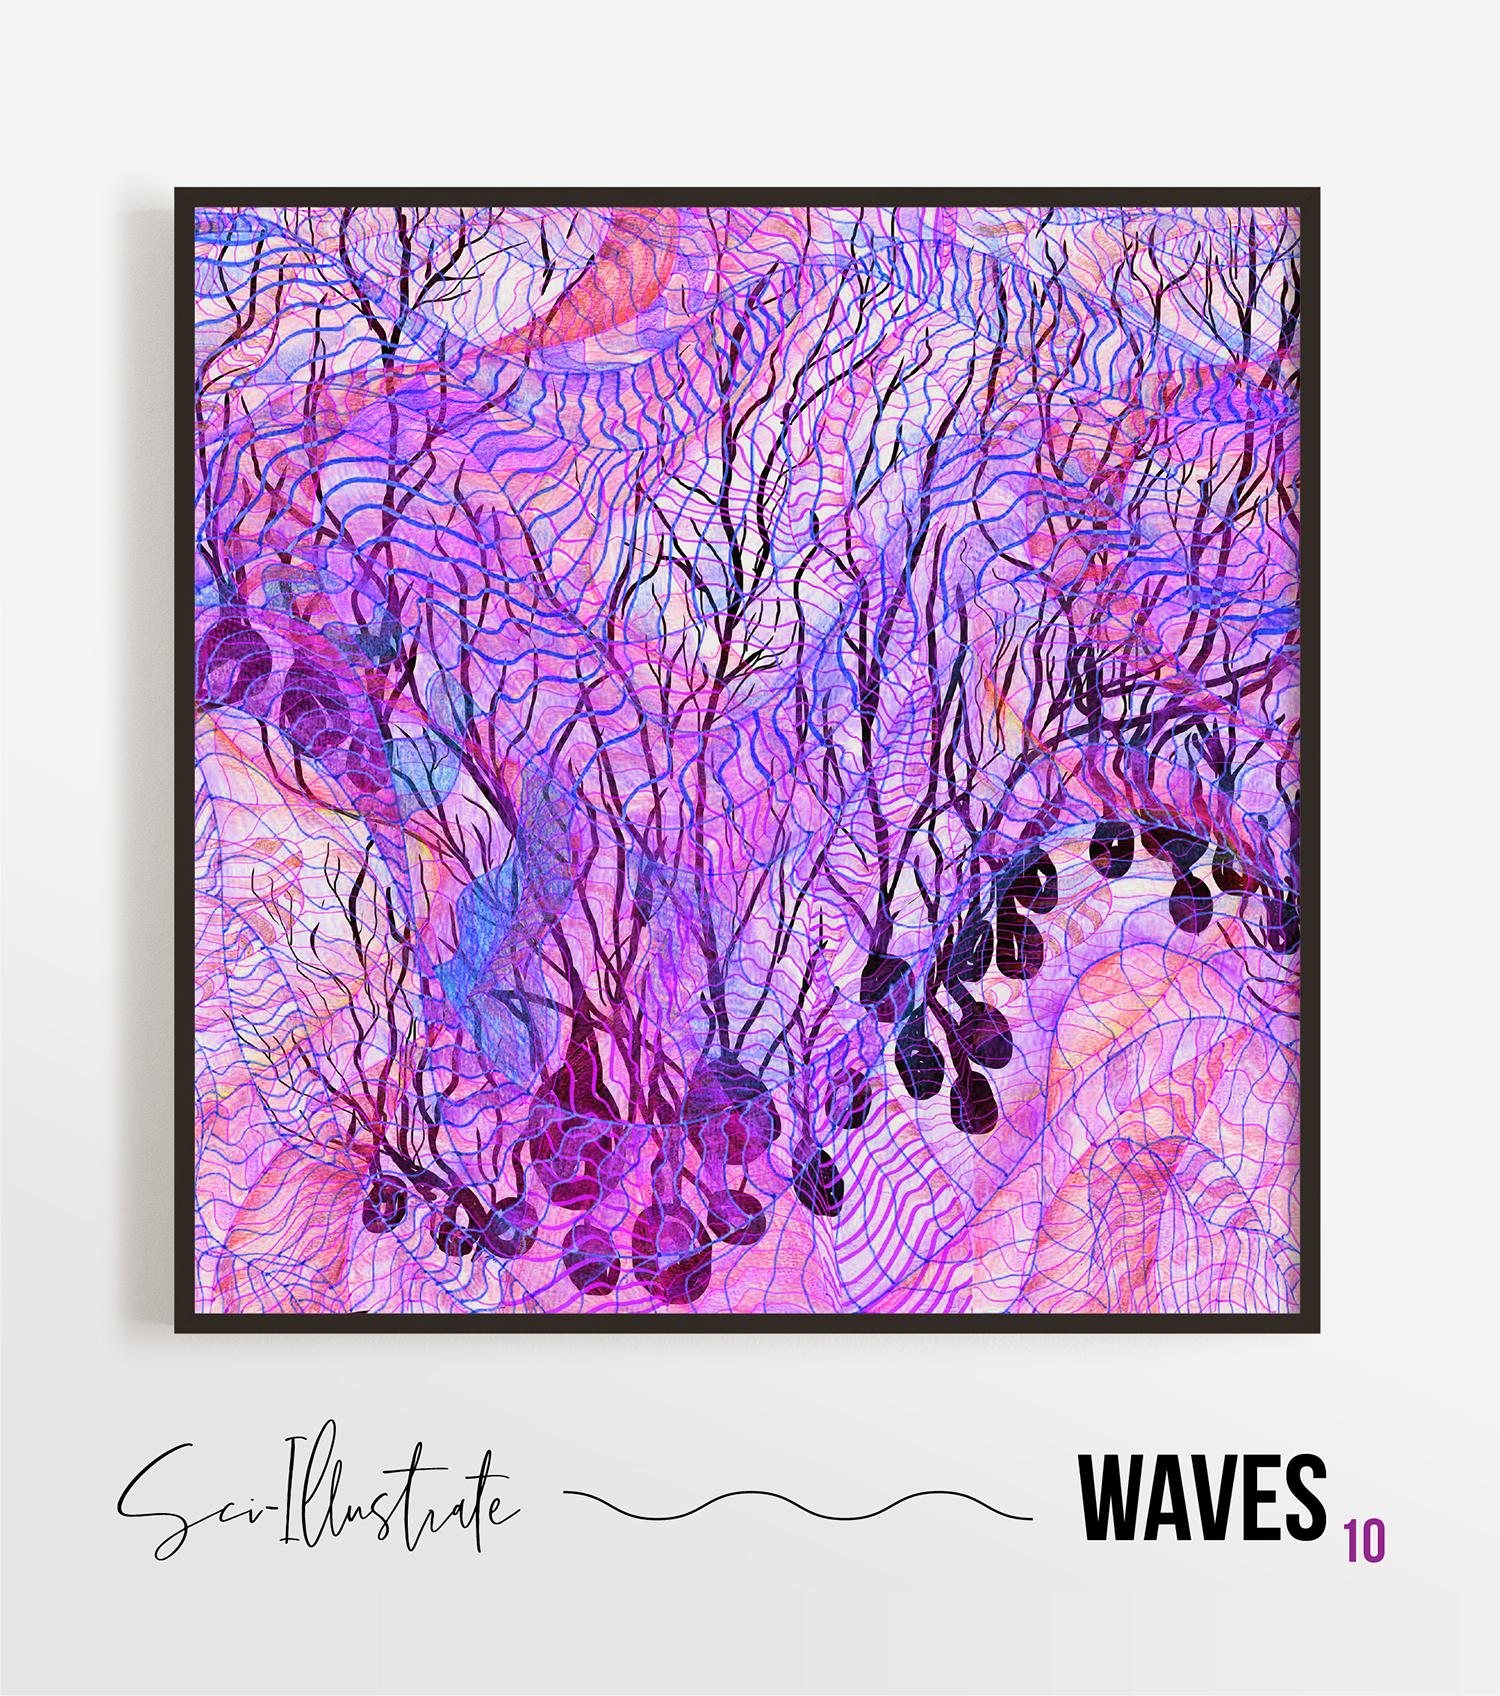 waves -SM 10-02 low res.jpg